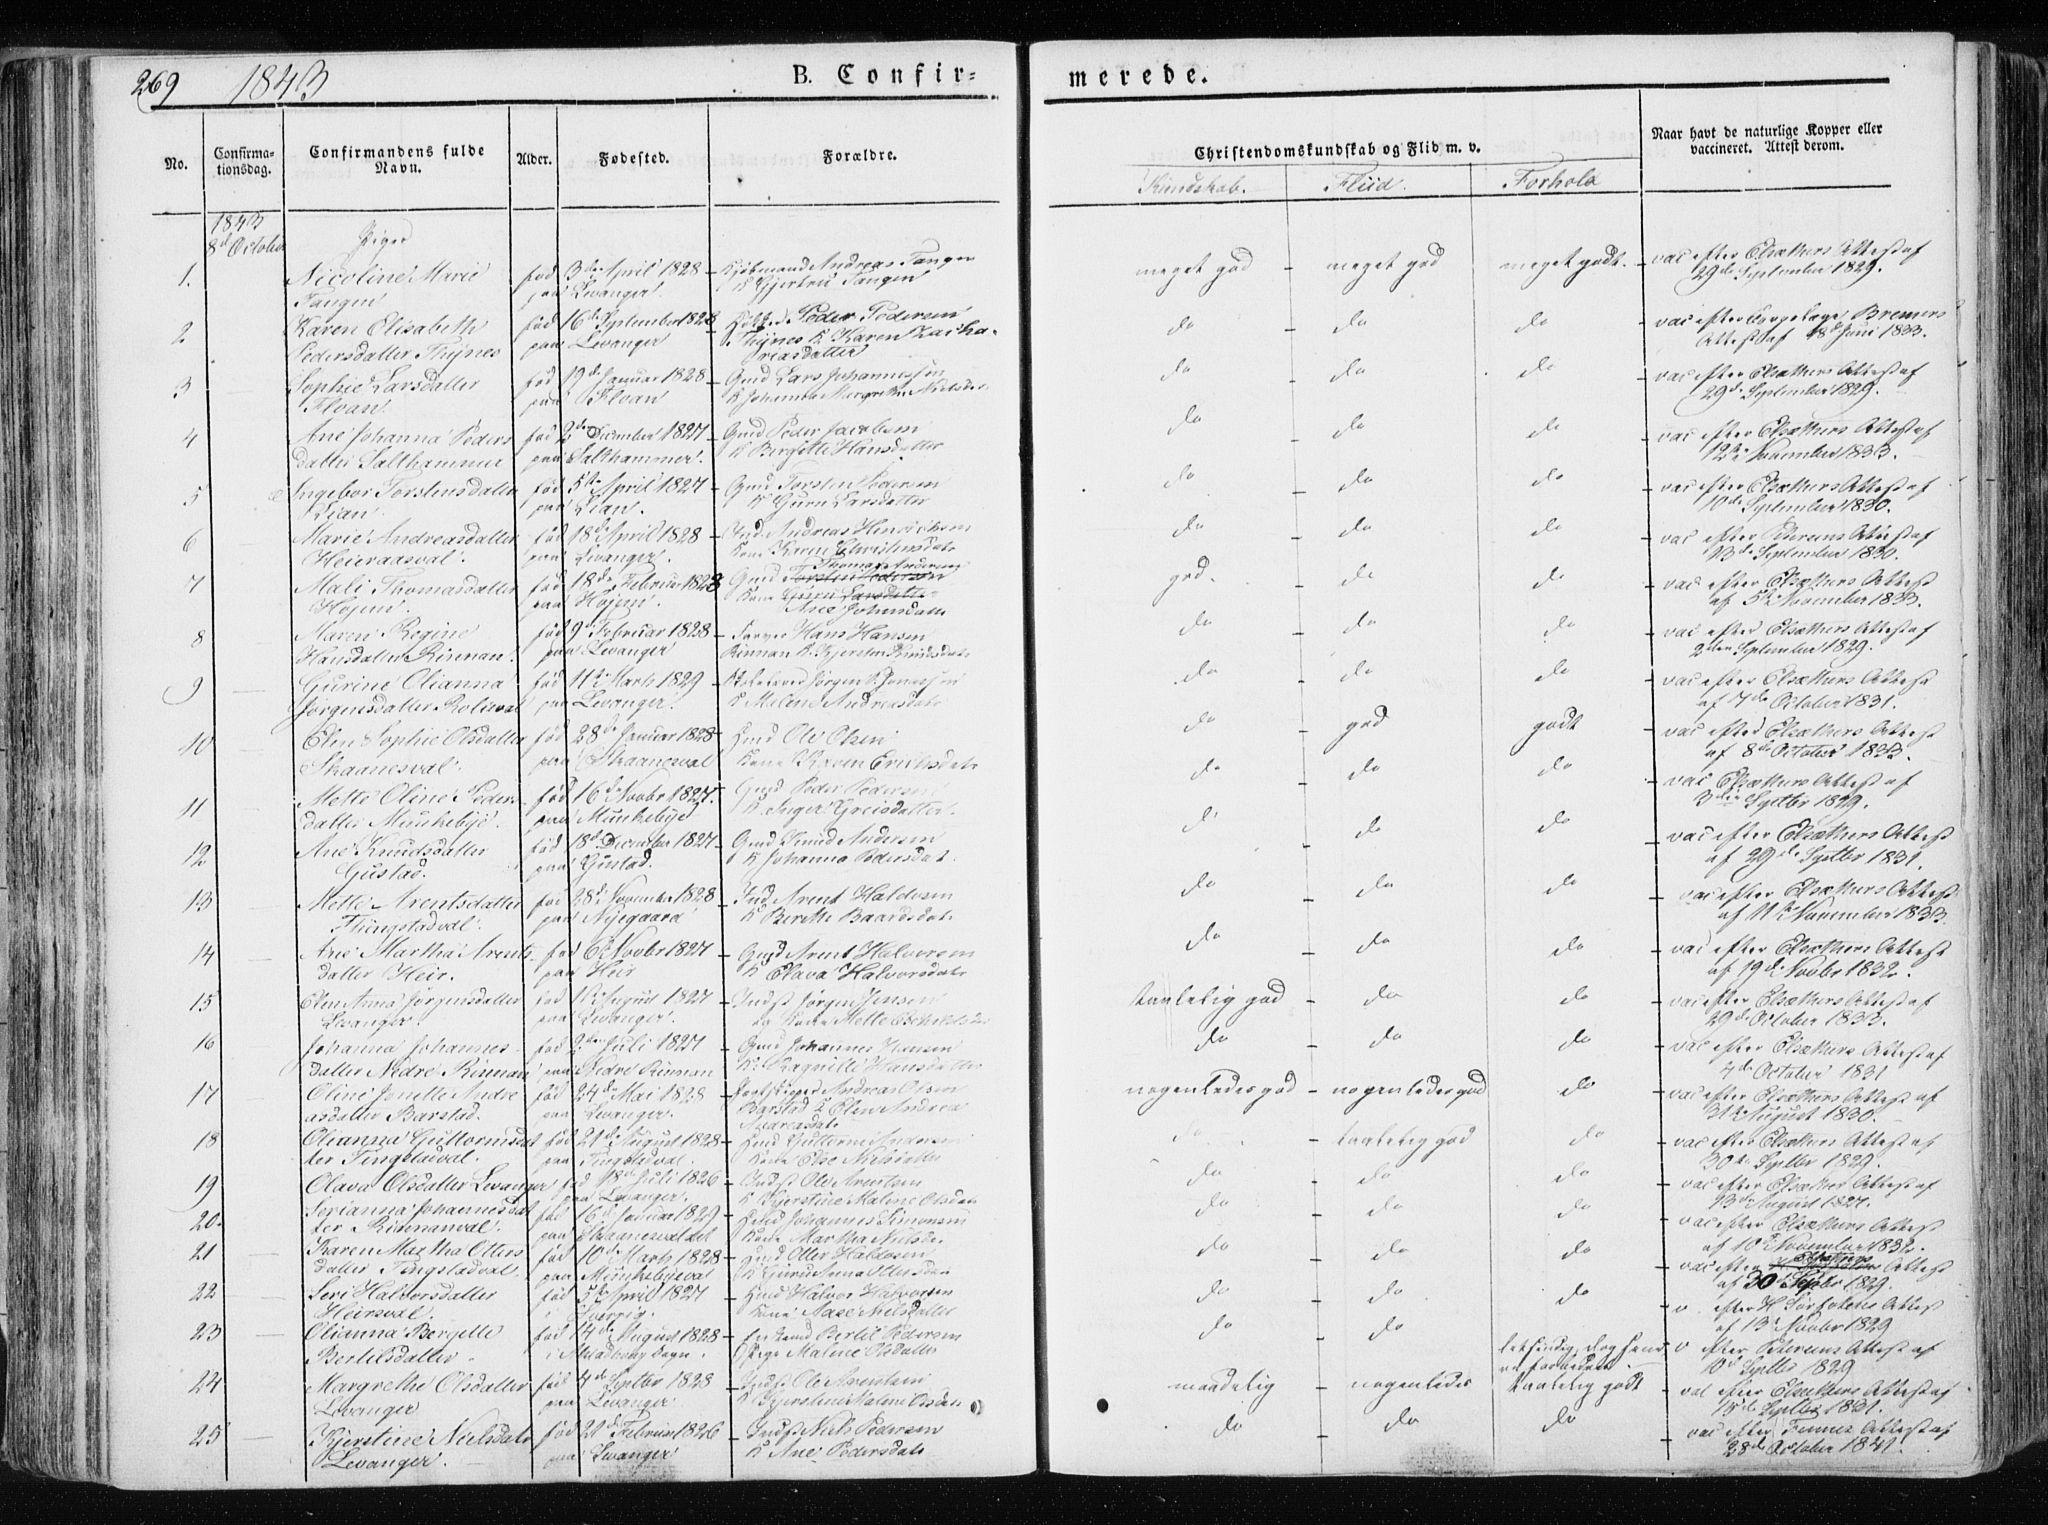 SAT, Ministerialprotokoller, klokkerbøker og fødselsregistre - Nord-Trøndelag, 717/L0154: Ministerialbok nr. 717A06 /1, 1836-1849, s. 269